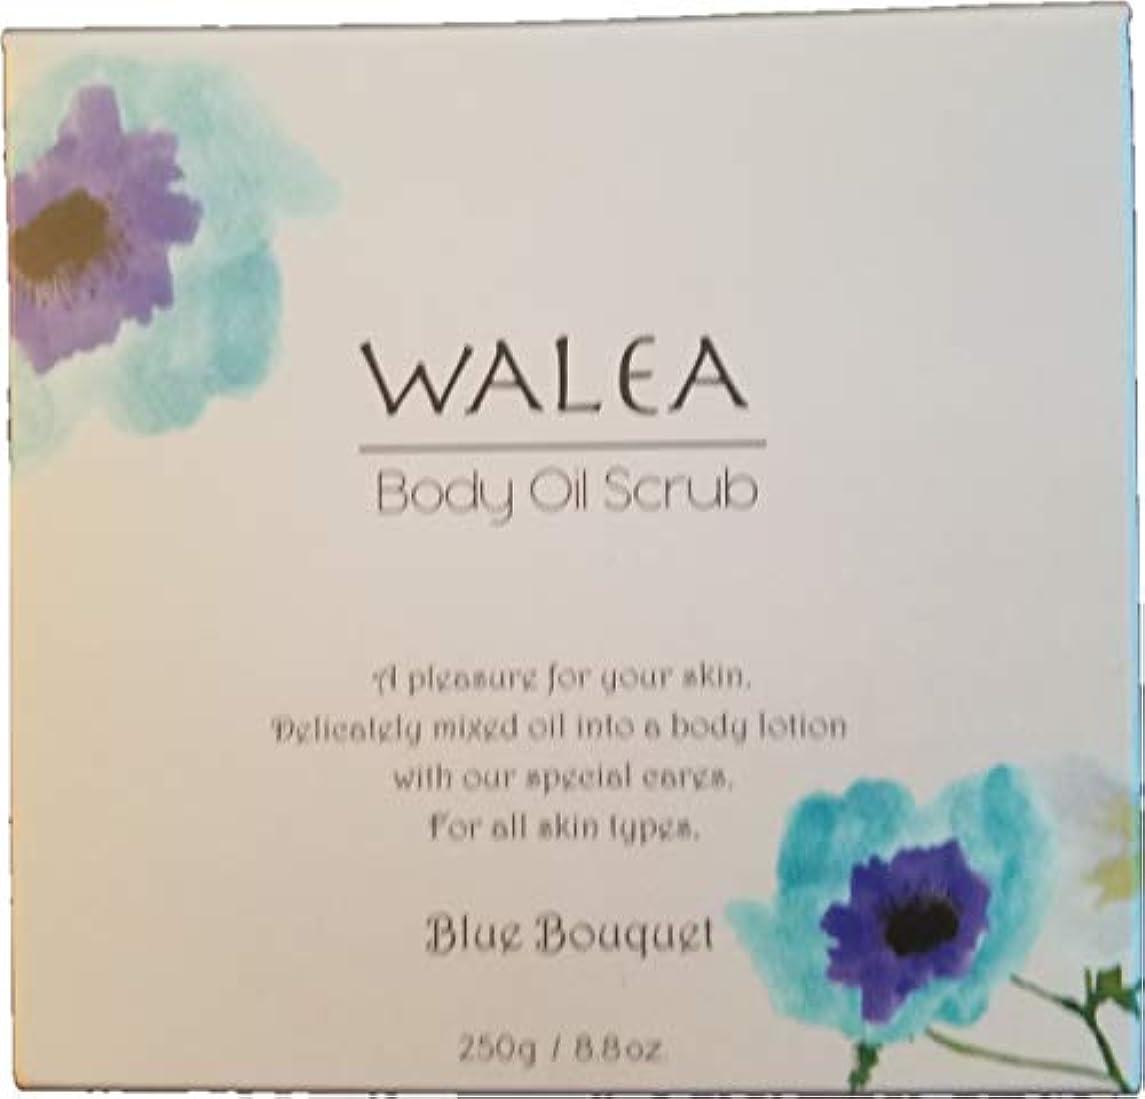 足枷ピーク醸造所(ワレア) WALEA ボディオイルスクラブ ブルーブーケ 250g 洗い流しボディスクラブ